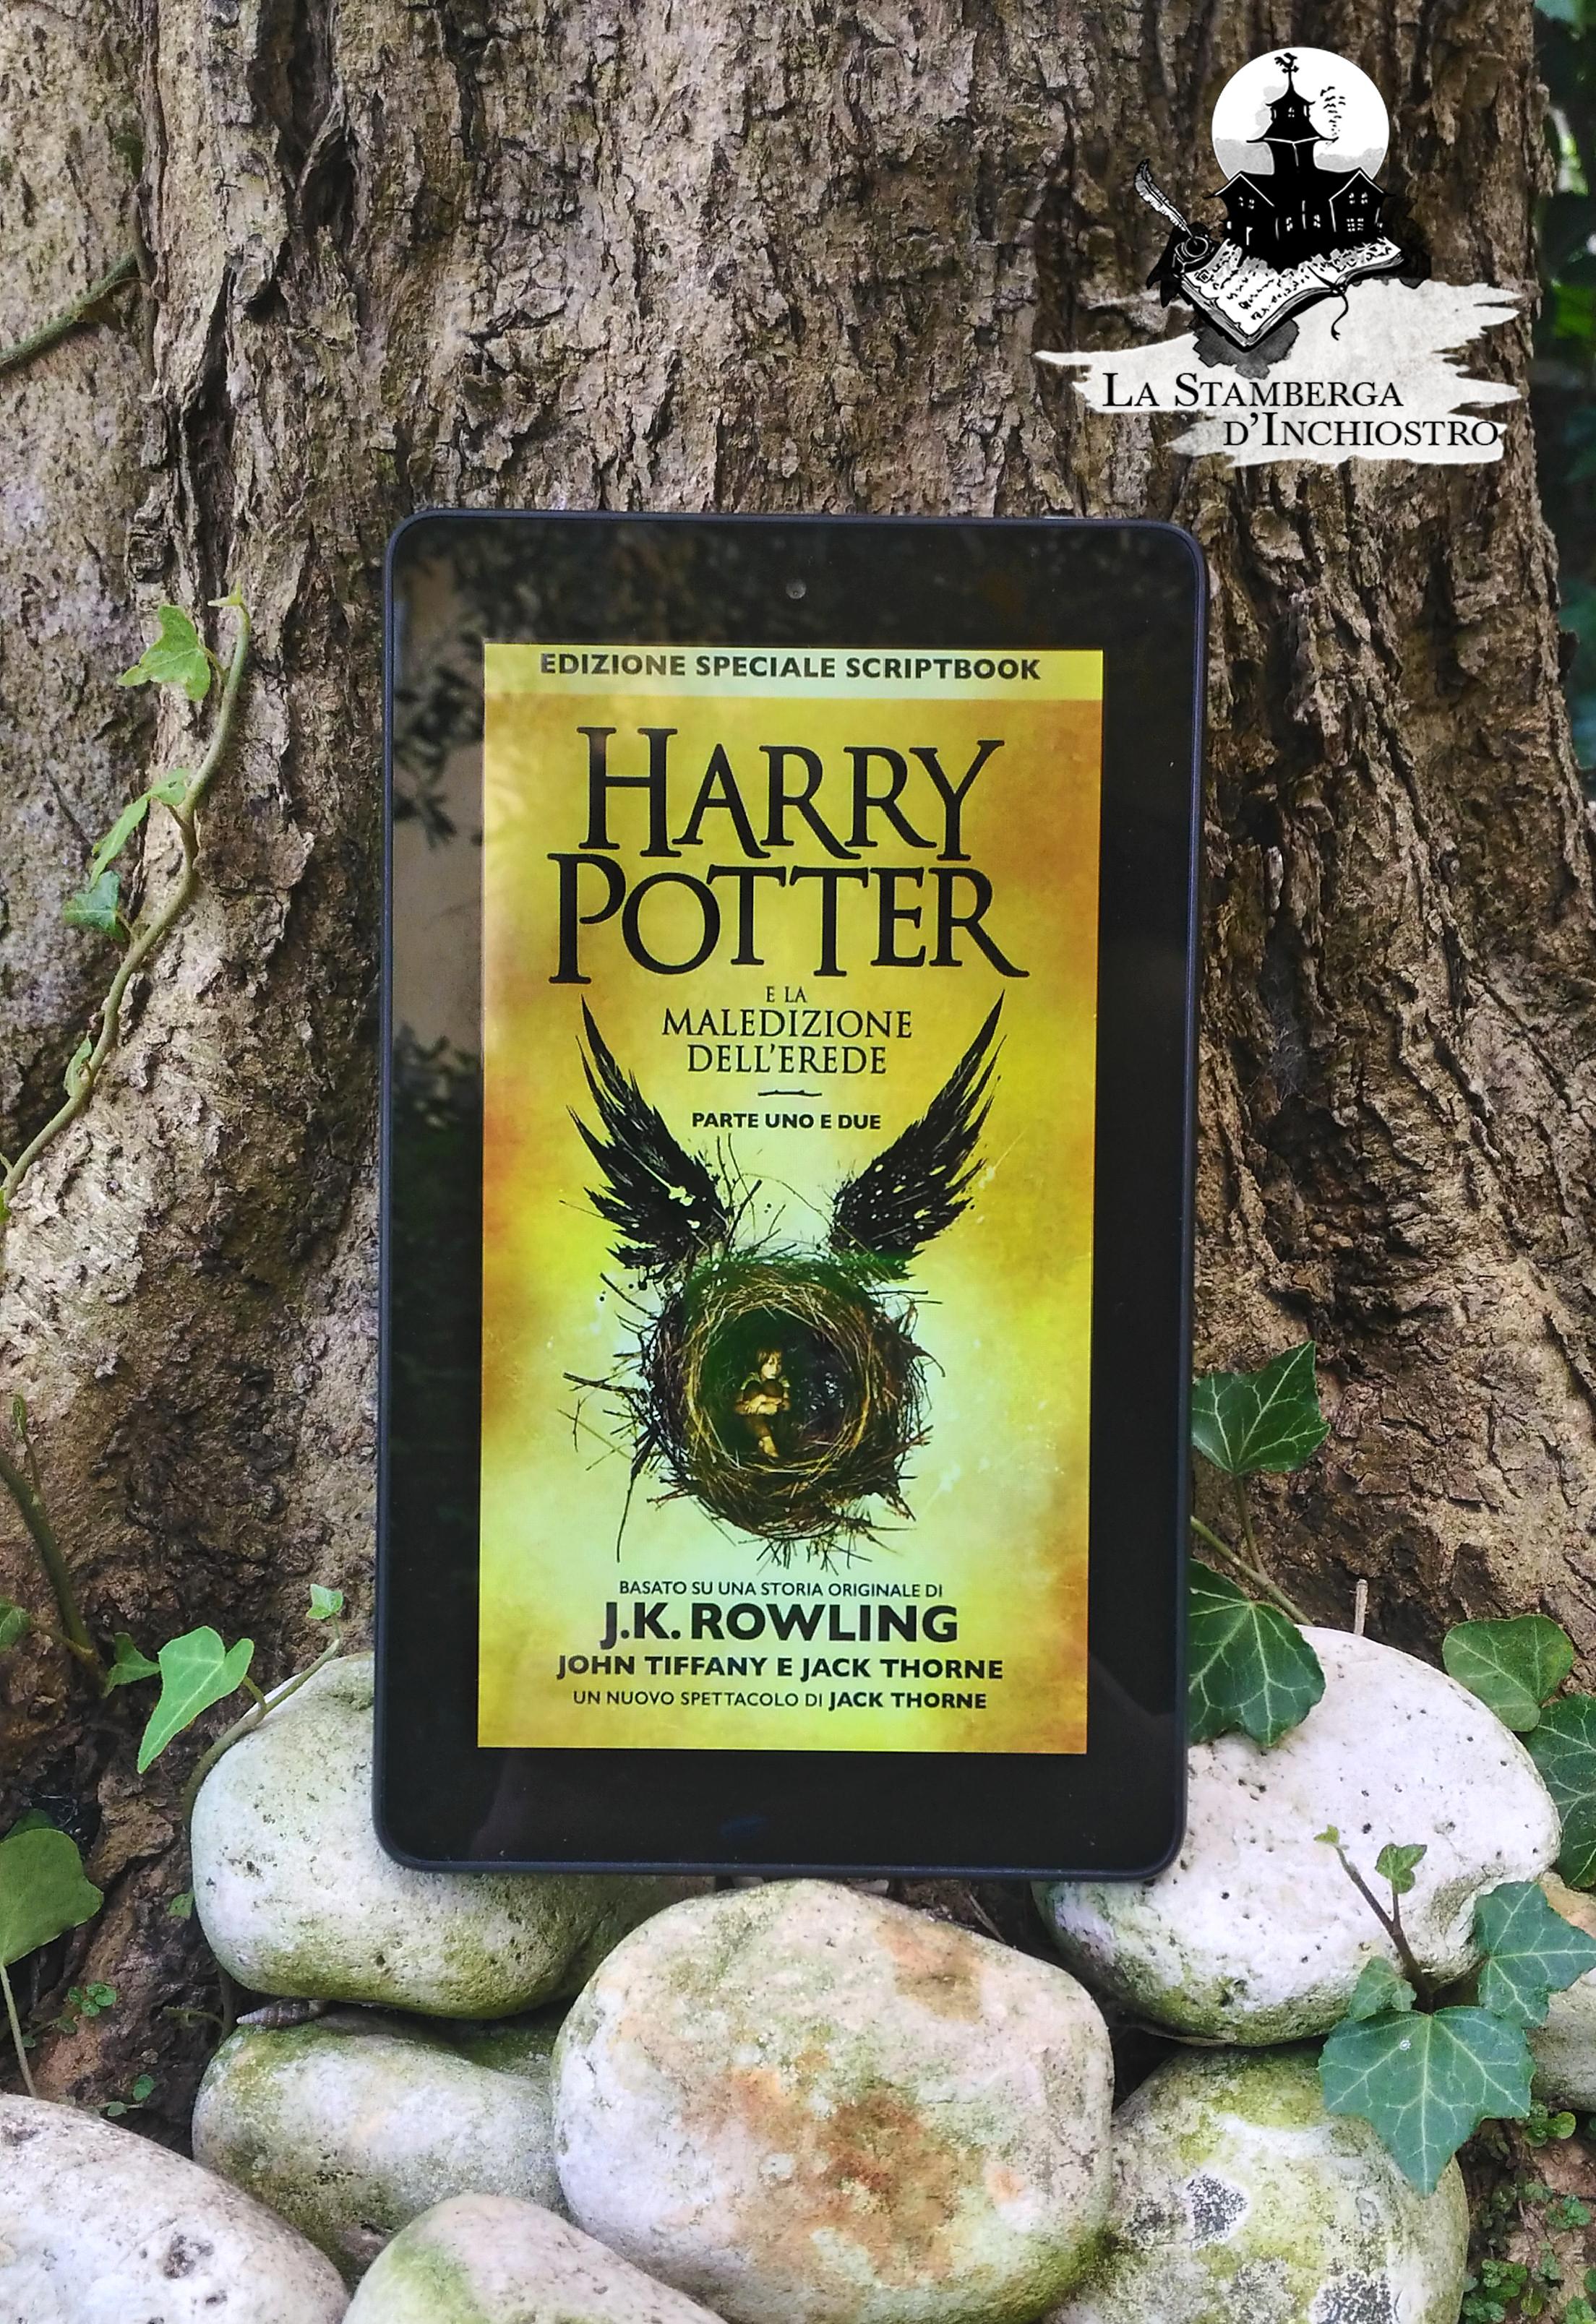 JK Rowling - Harry Potter e la maledizione dell'erede